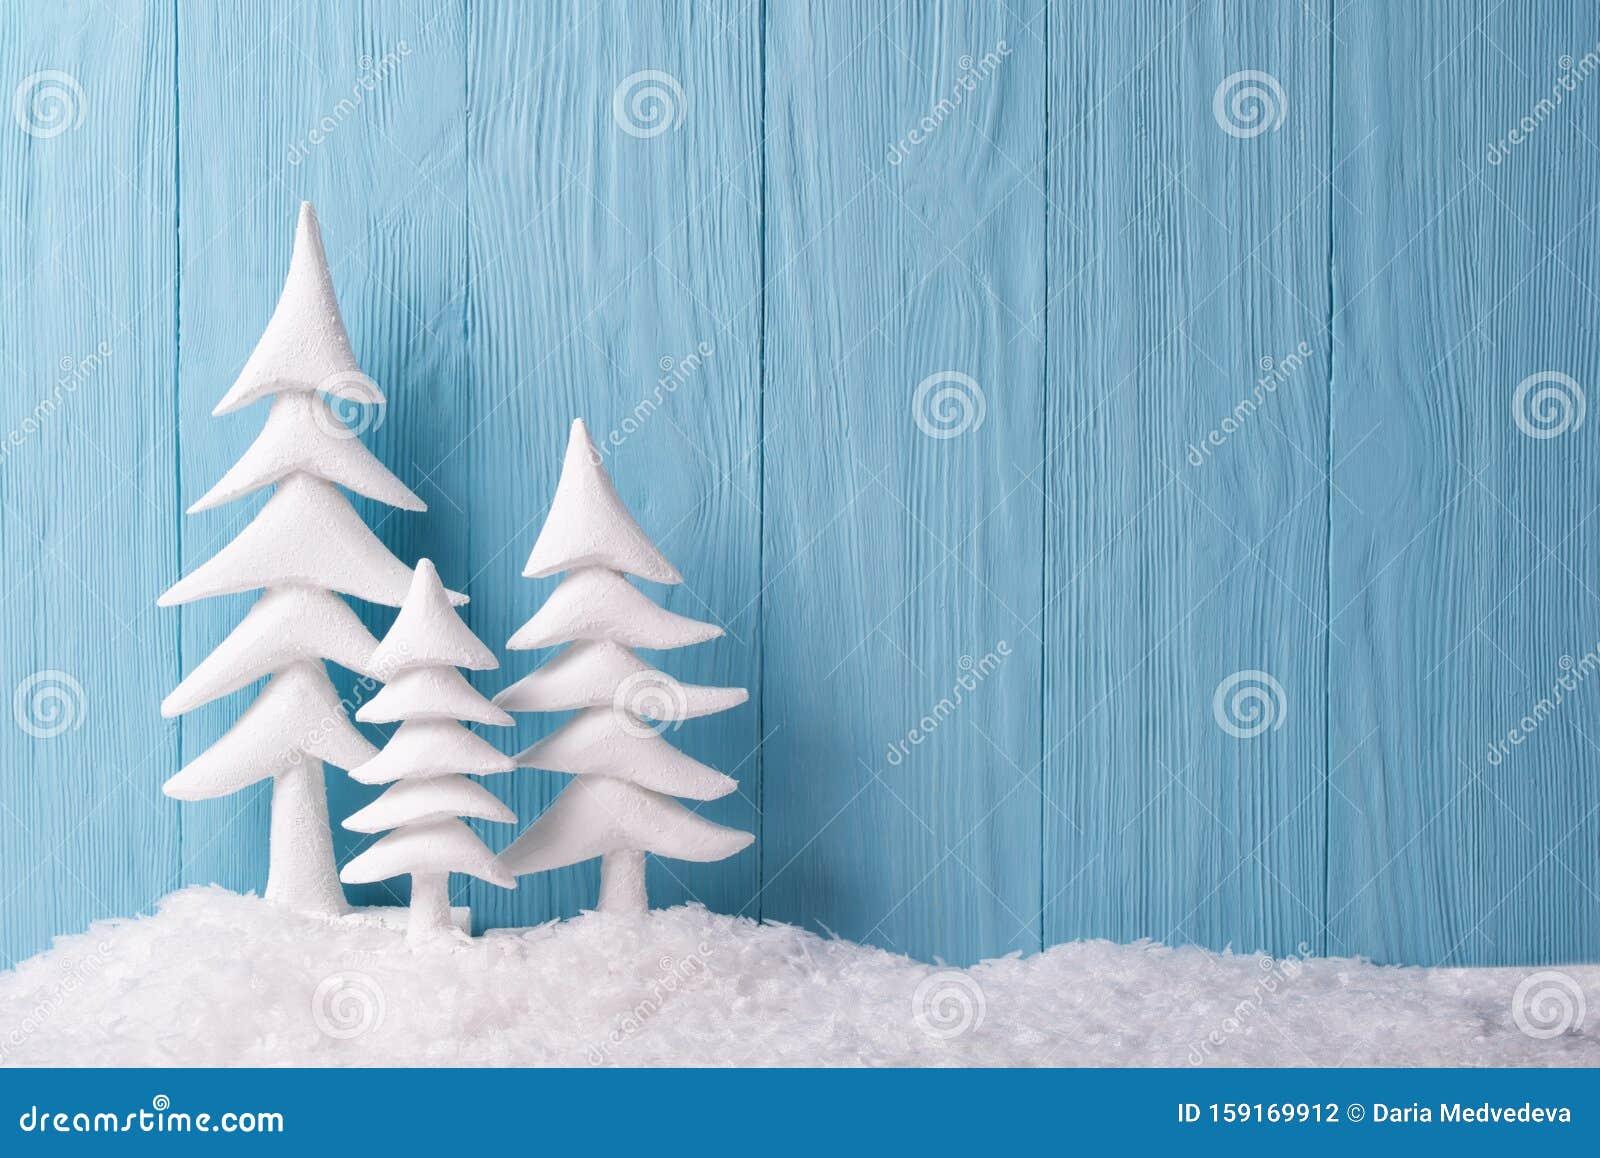 Youtube Sfondi Natalizi.Sullo Sfondo Natalizio Con Alberi Bianchi Di Natale E Neve Fondo Di Legno Blu Fotografia Stock Immagine Di Saluto Alberi 159169912